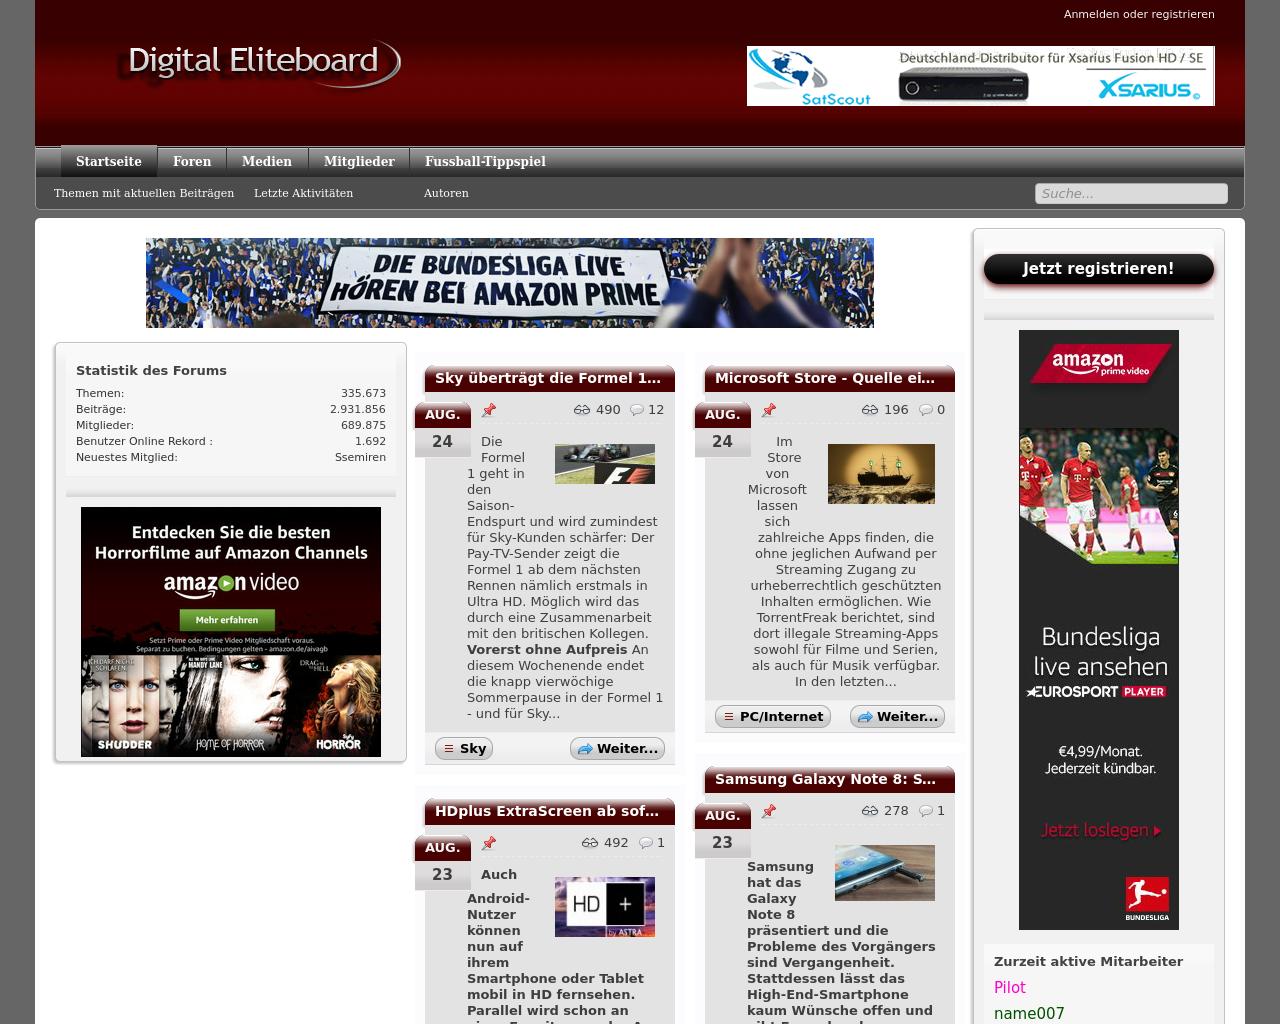 Digital-eliteboard-Advertising-Reviews-Pricing